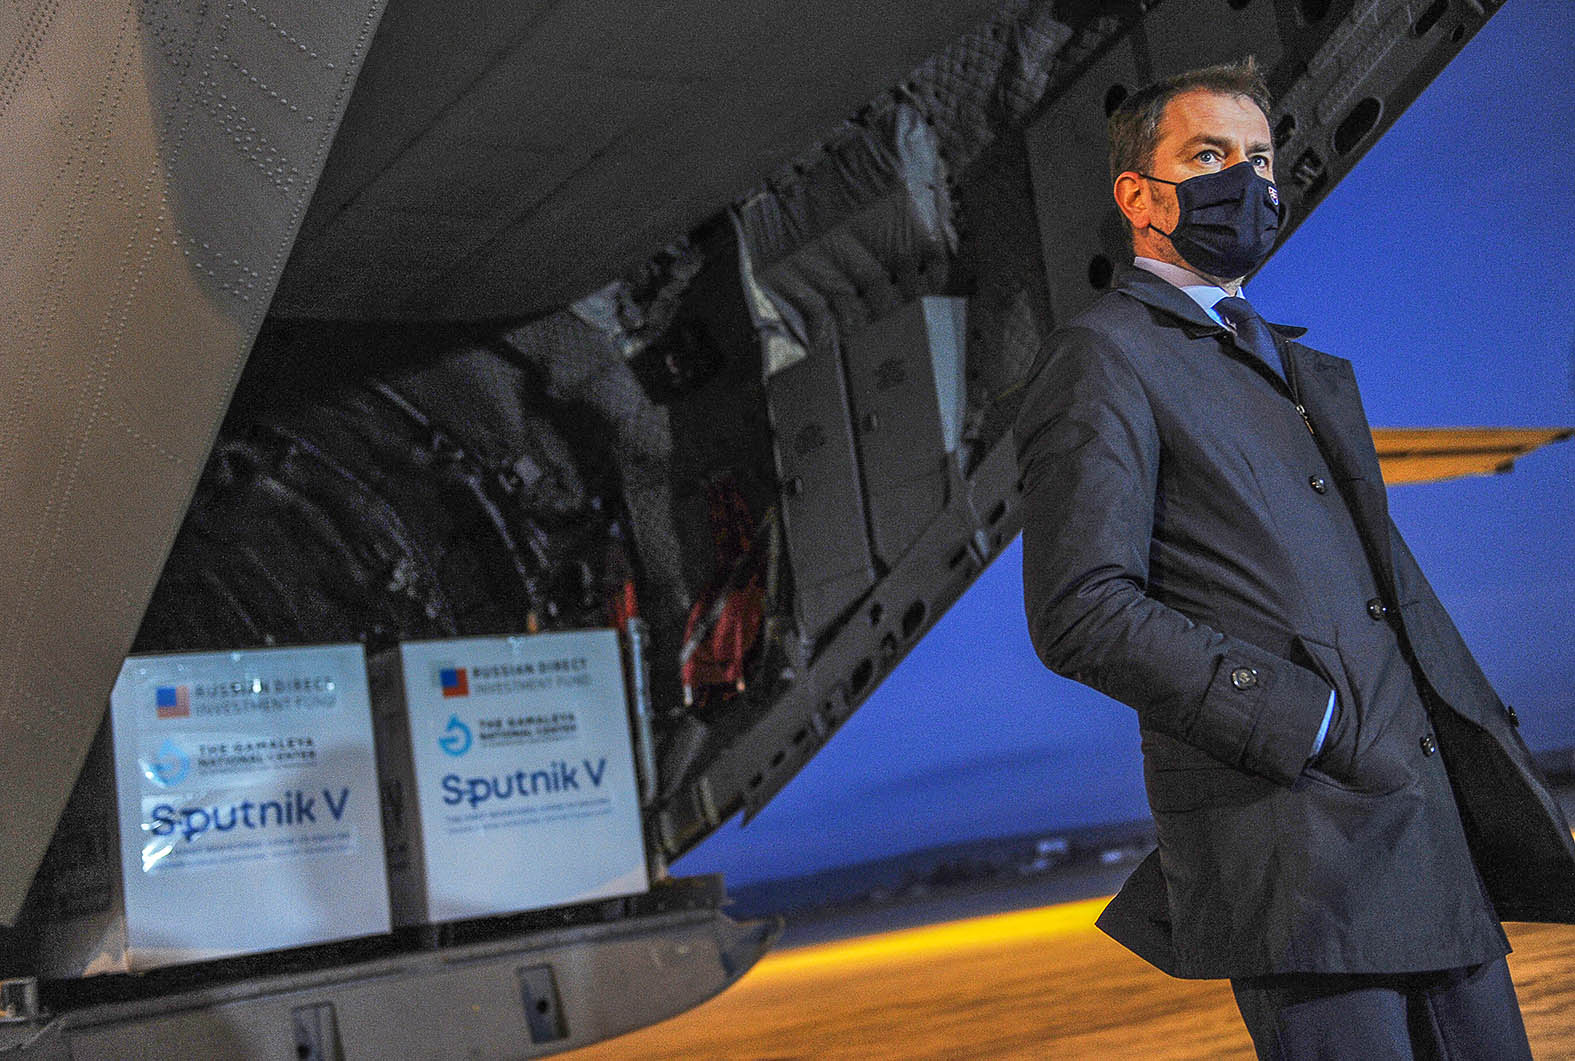 Igor Matovic szlovák miniszterelnök maszkban várja az újságírók kérdéseit az első Oroszországból érkező Szputnyik V vakcina szűllítmány előtt a kassai repülőtáren 2021. március 1-én #moszkvater